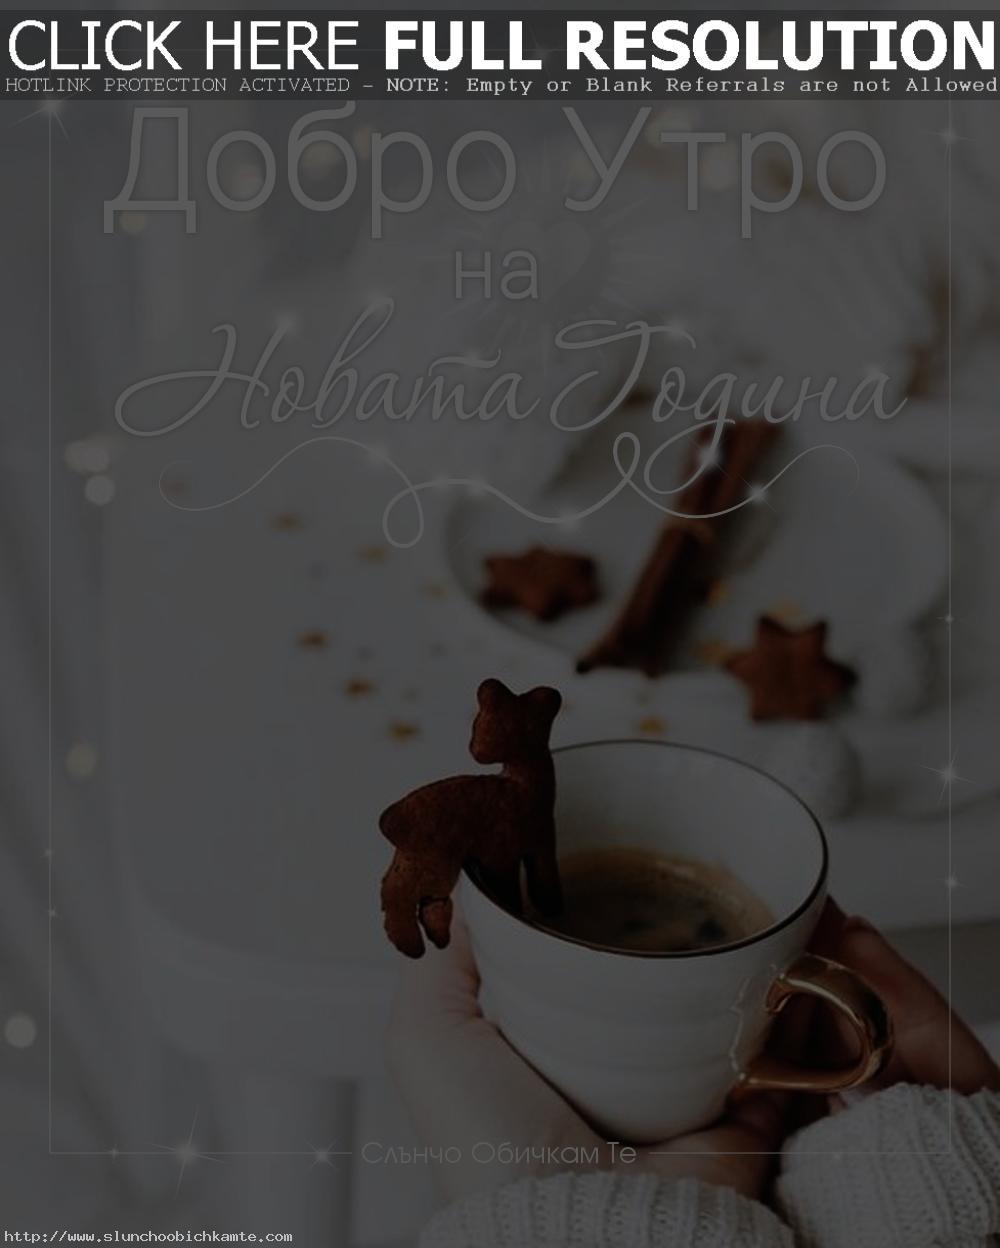 Добро утро на Новата година - 01.01.2020 - 1 януари - пожелания за добро утро, добро утро на нова година, картички за нова година, картинки за добро утро, пожелания за добро утро